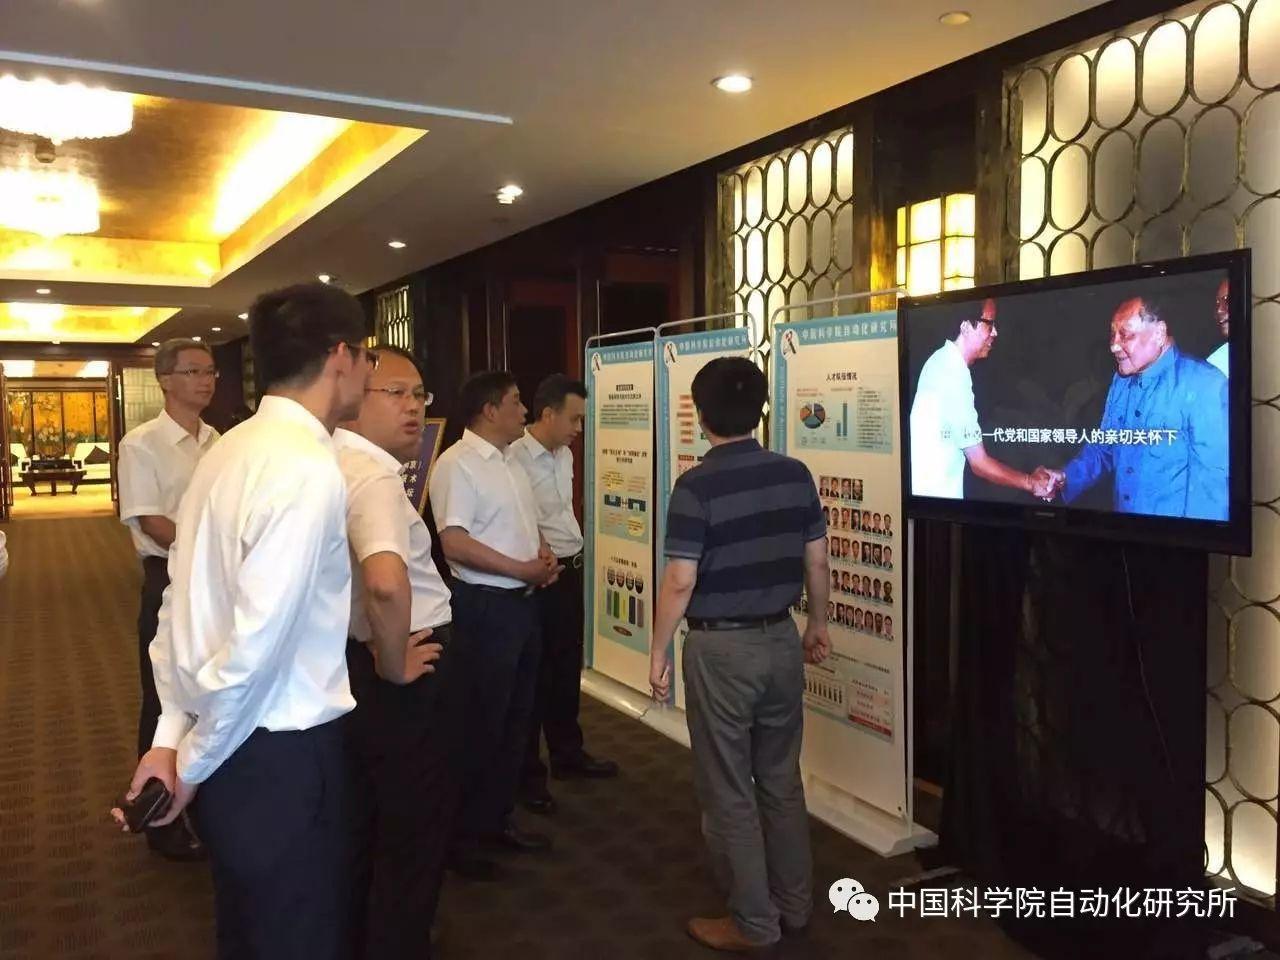 中科院化所南京智能创新[chuàngxīn][chuàngxīn]研究院创建 主打AI芯片